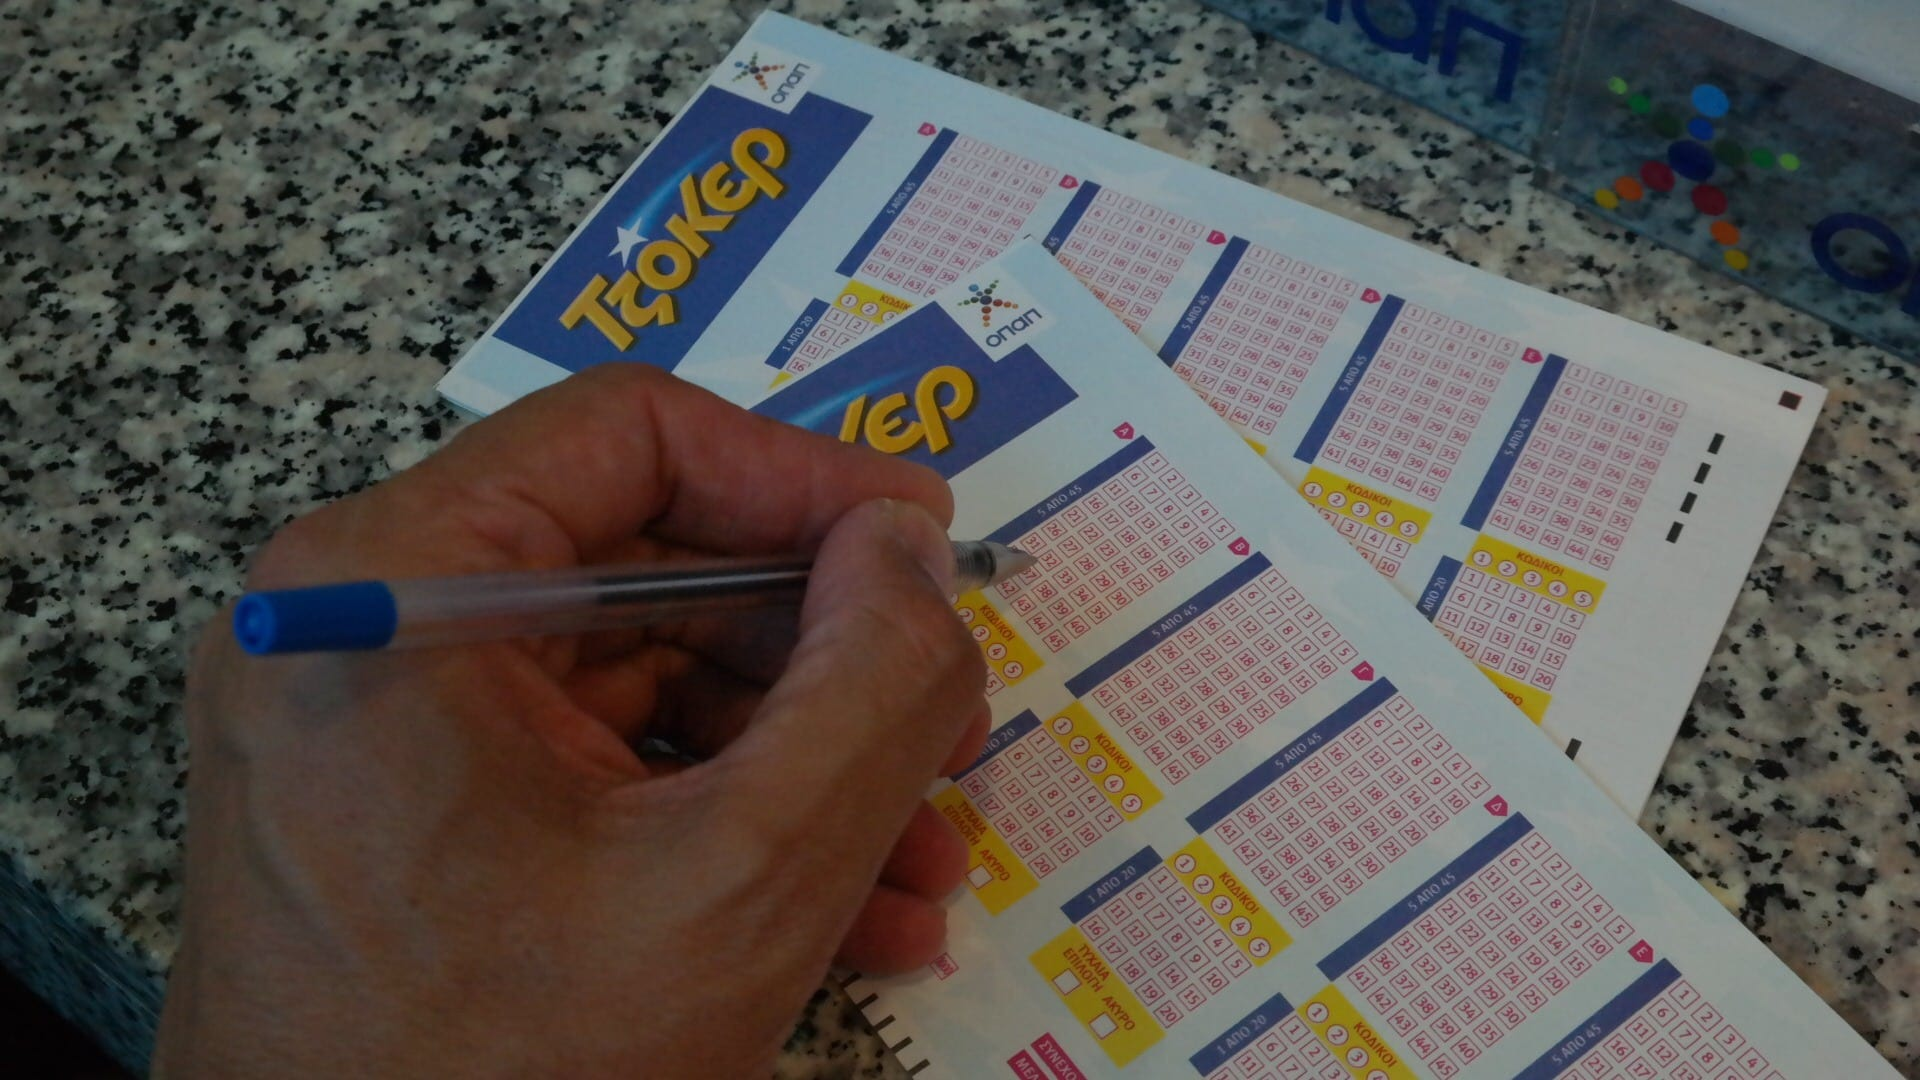 Κλήρωση τζόκερ live σήμερα 2/1 Τζόκερ κλήρωση €6,5 δίνουν σήμερα 29/12 oi Αριθμοί Tzoker Νούμερα Joker